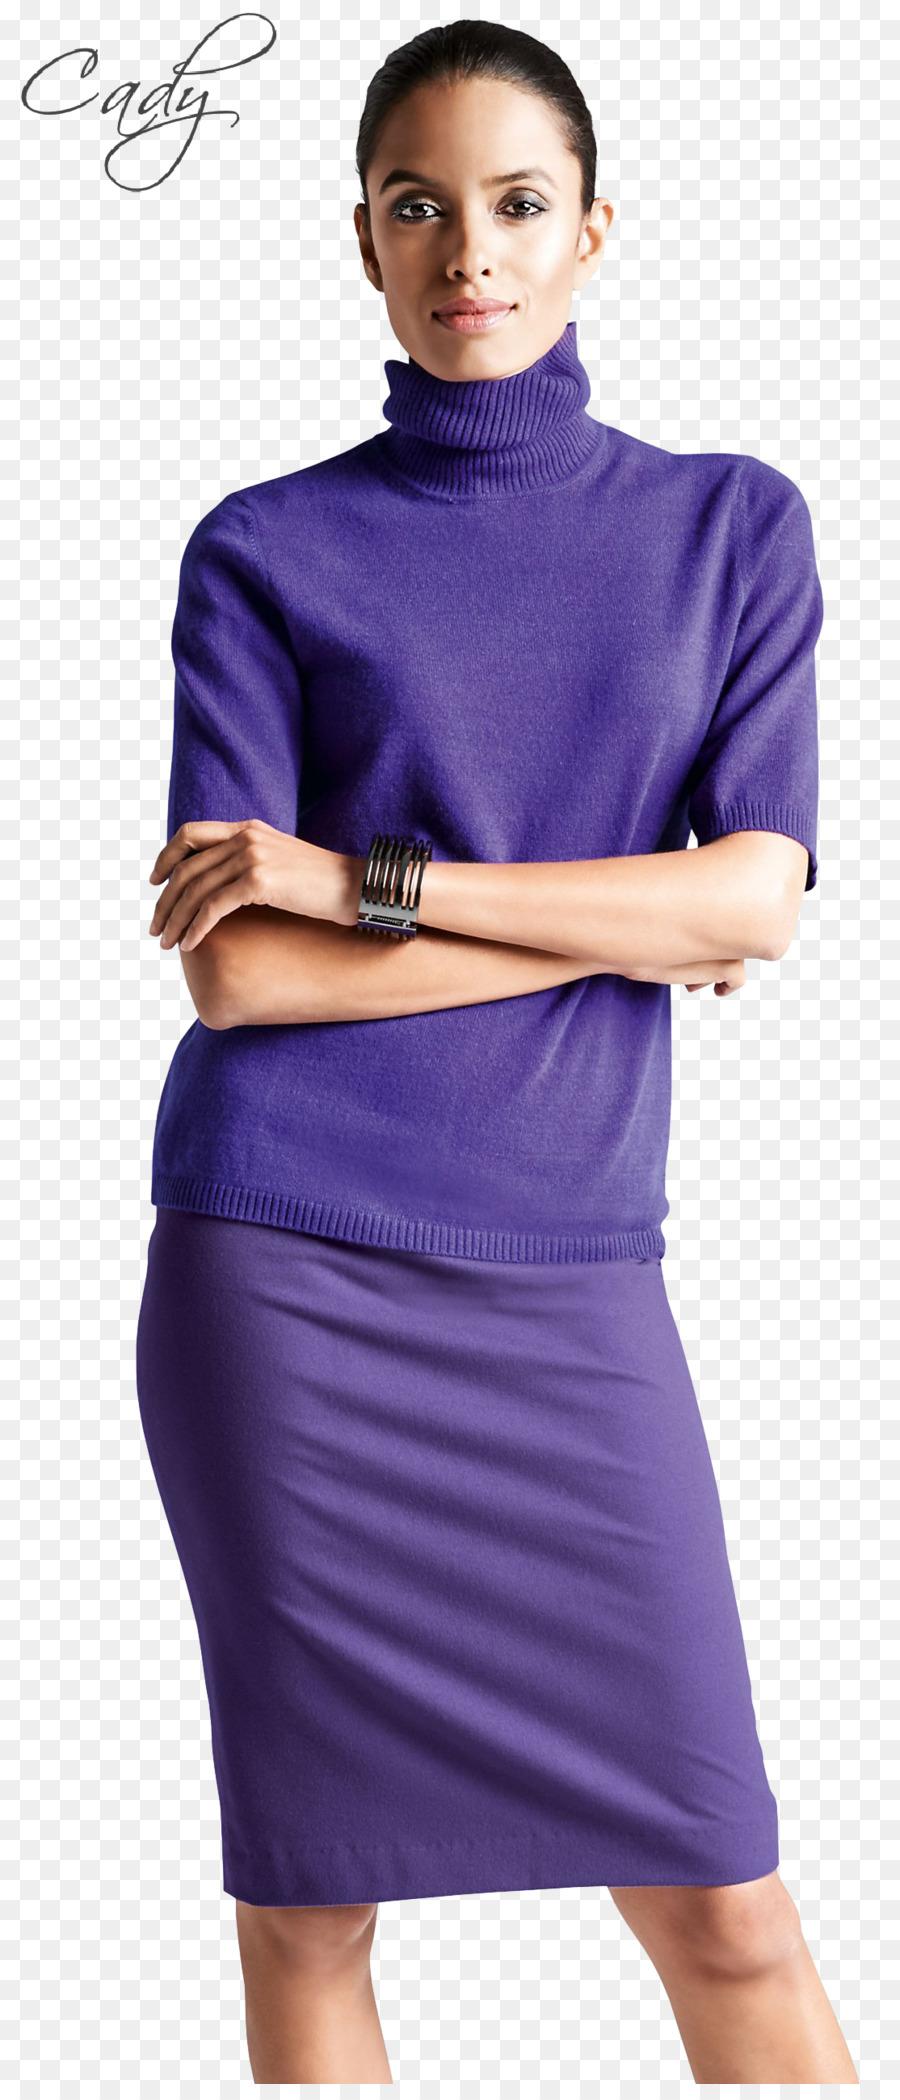 La falda de la Ropa de compras en Línea Vestido de Blusa - vestido ...